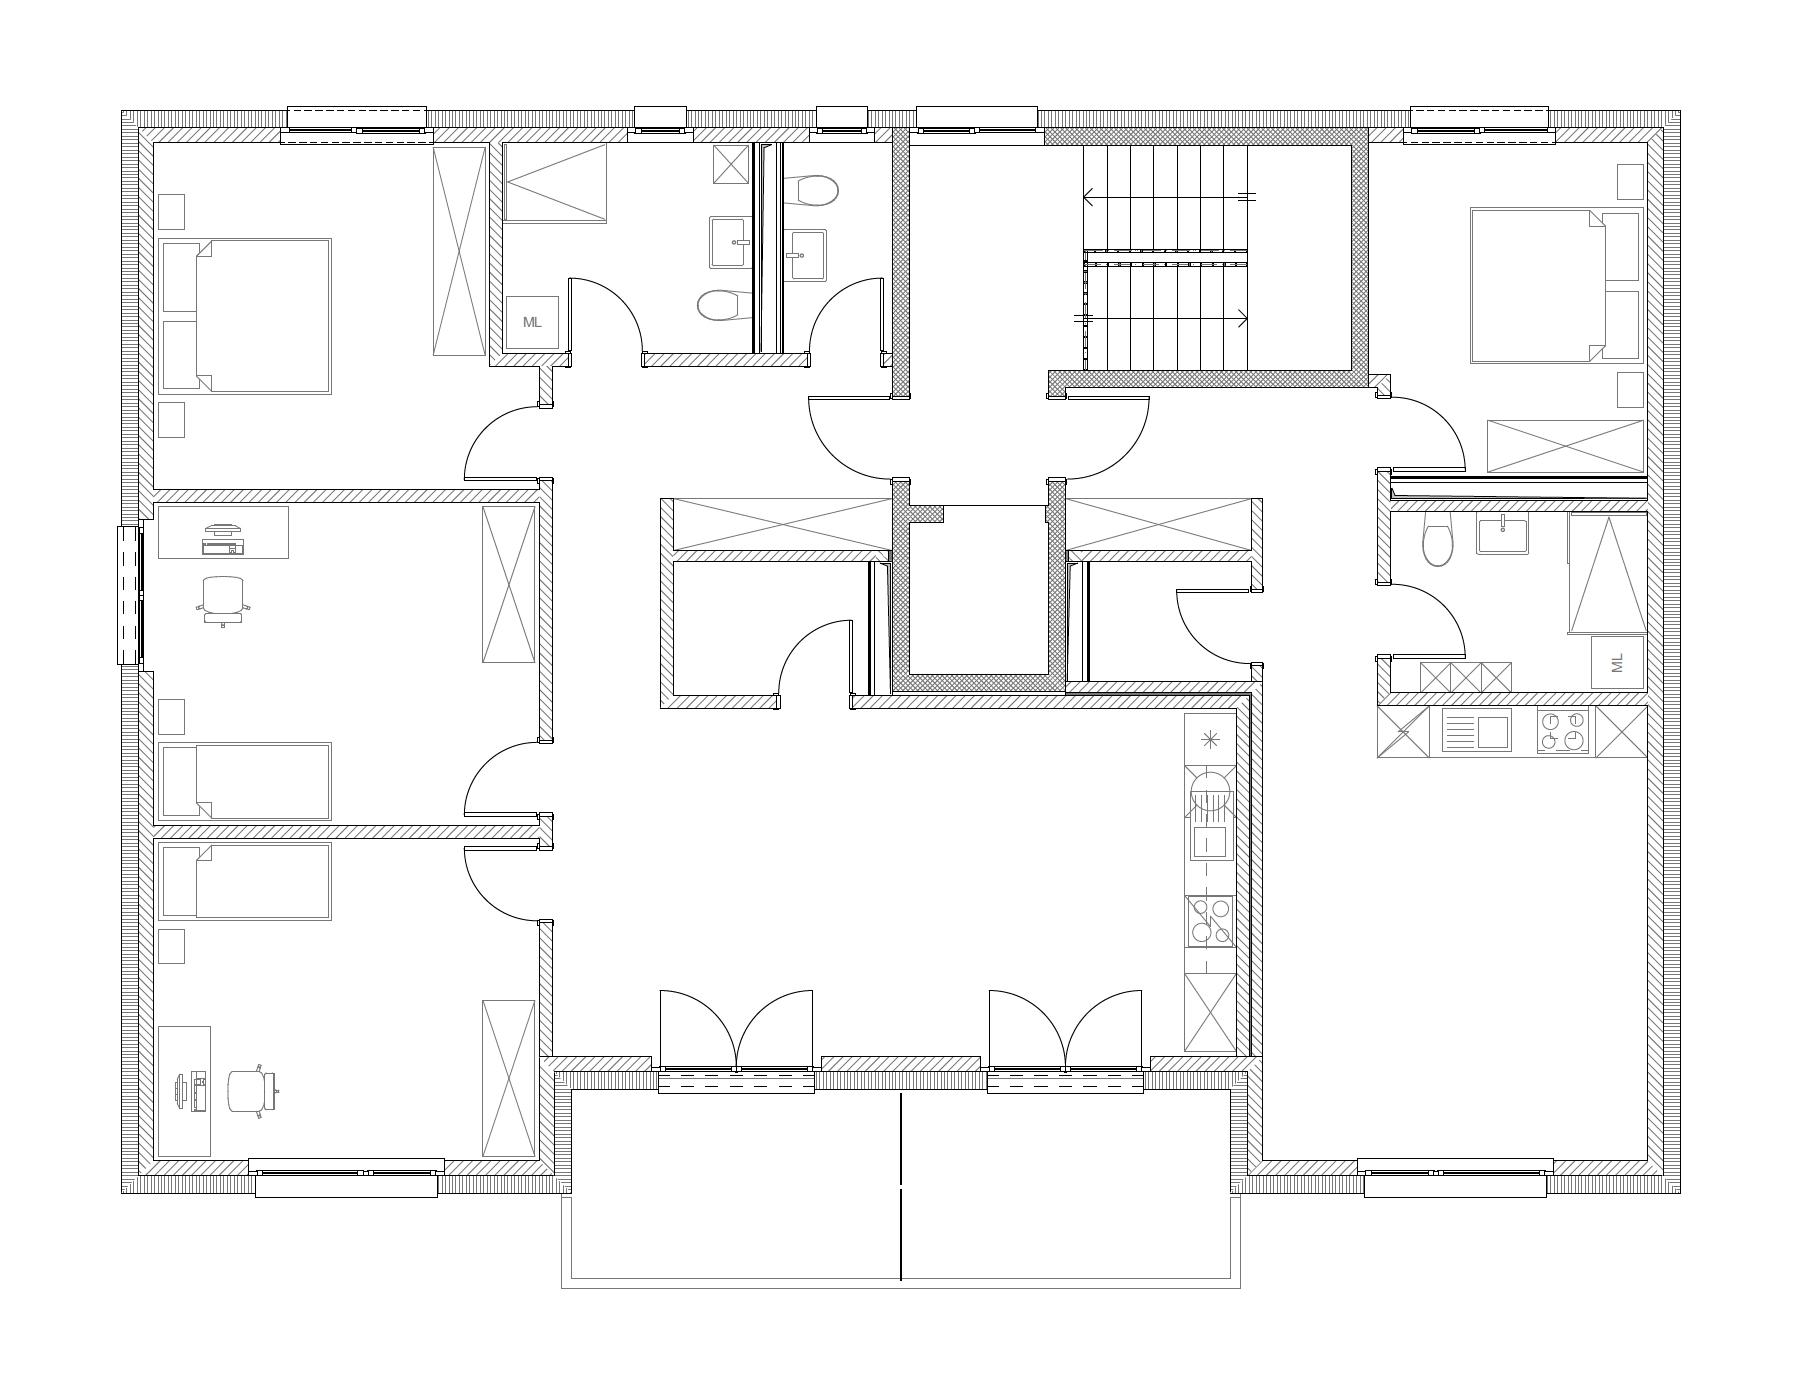 Bâtiment A, 2e étage